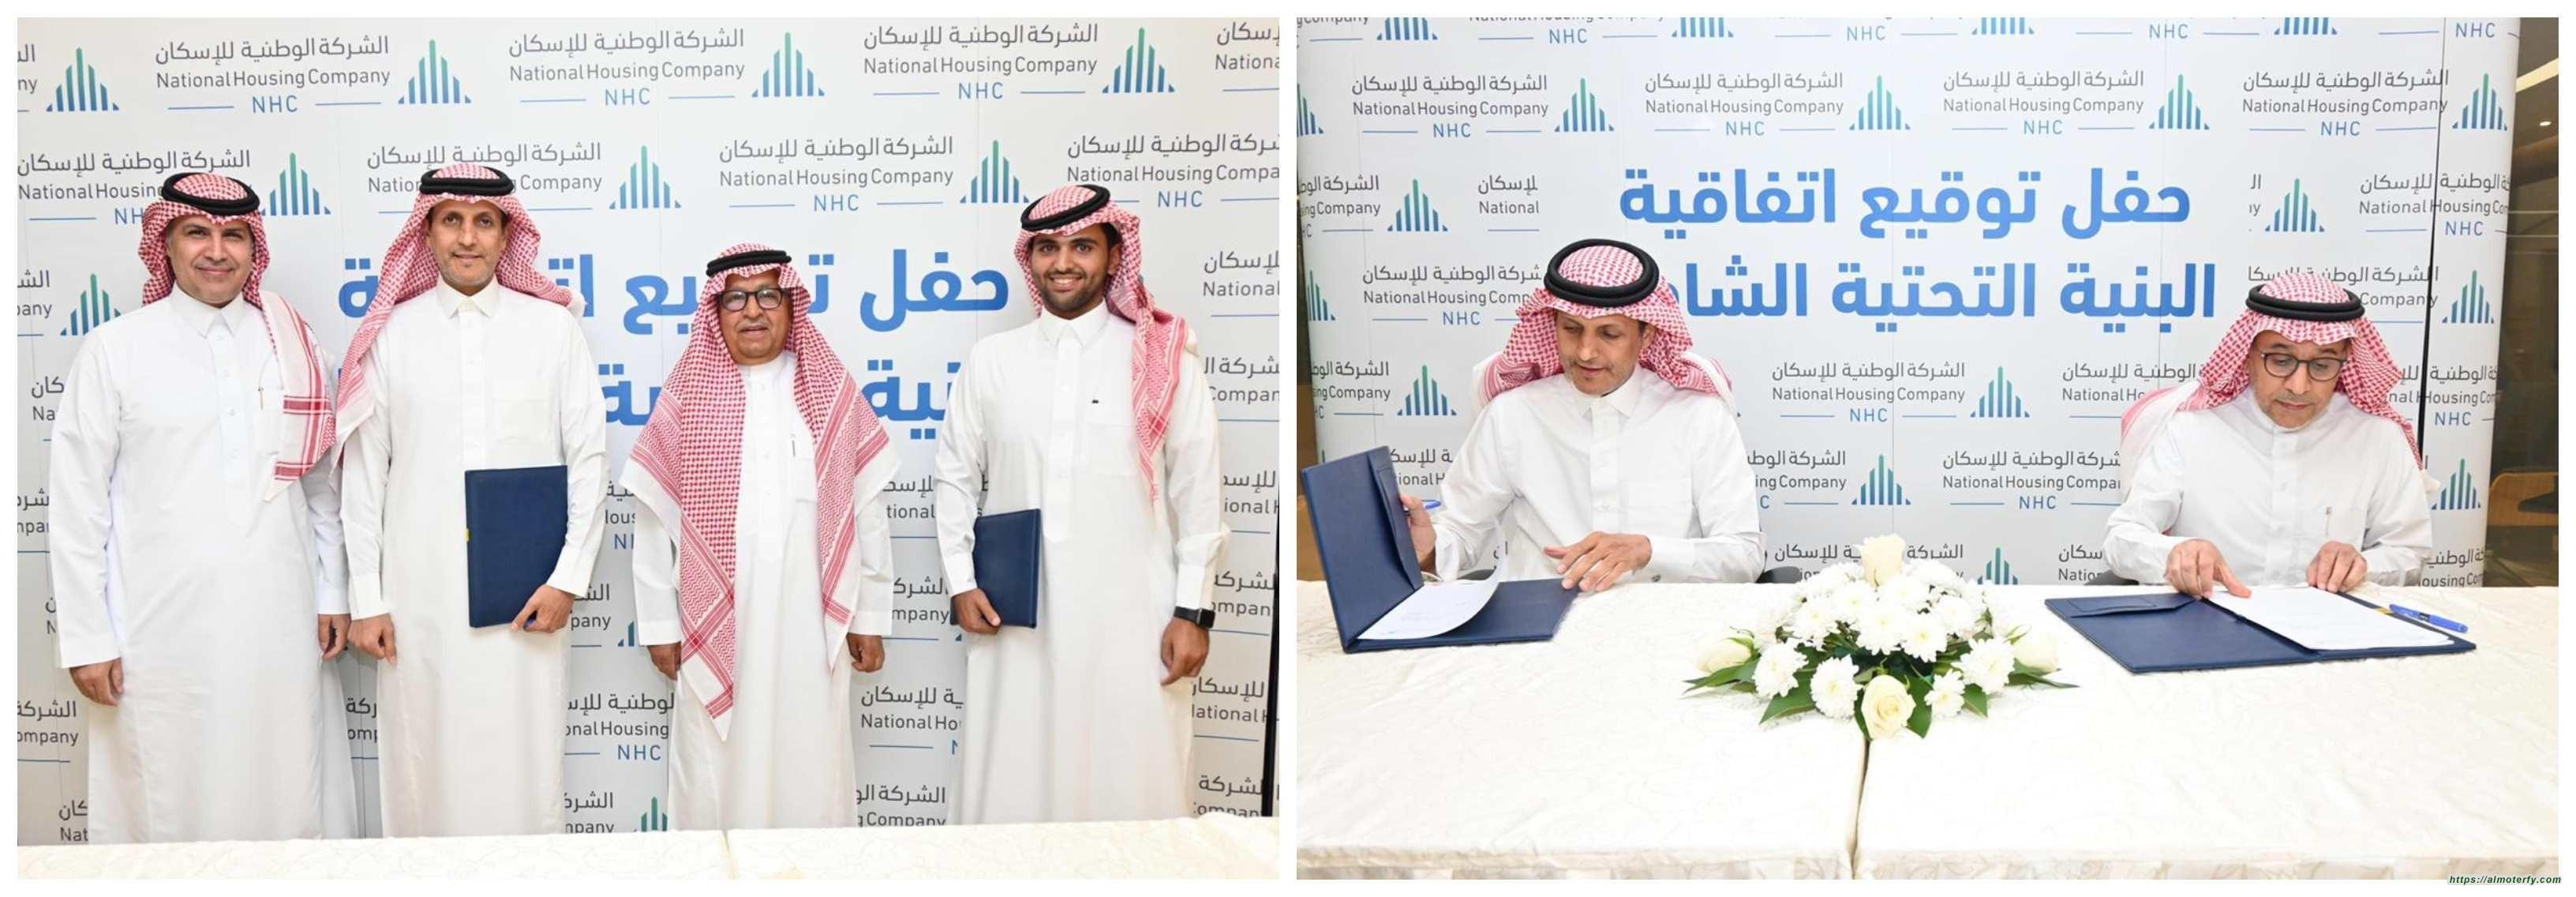 """بقيمة تجاوزت 755 مليون ريال """"الوطنية للإسكان"""" توقع اتفاقيتان لتنفيذ البنية التحتية لمشروعين جديدين بالرياض"""